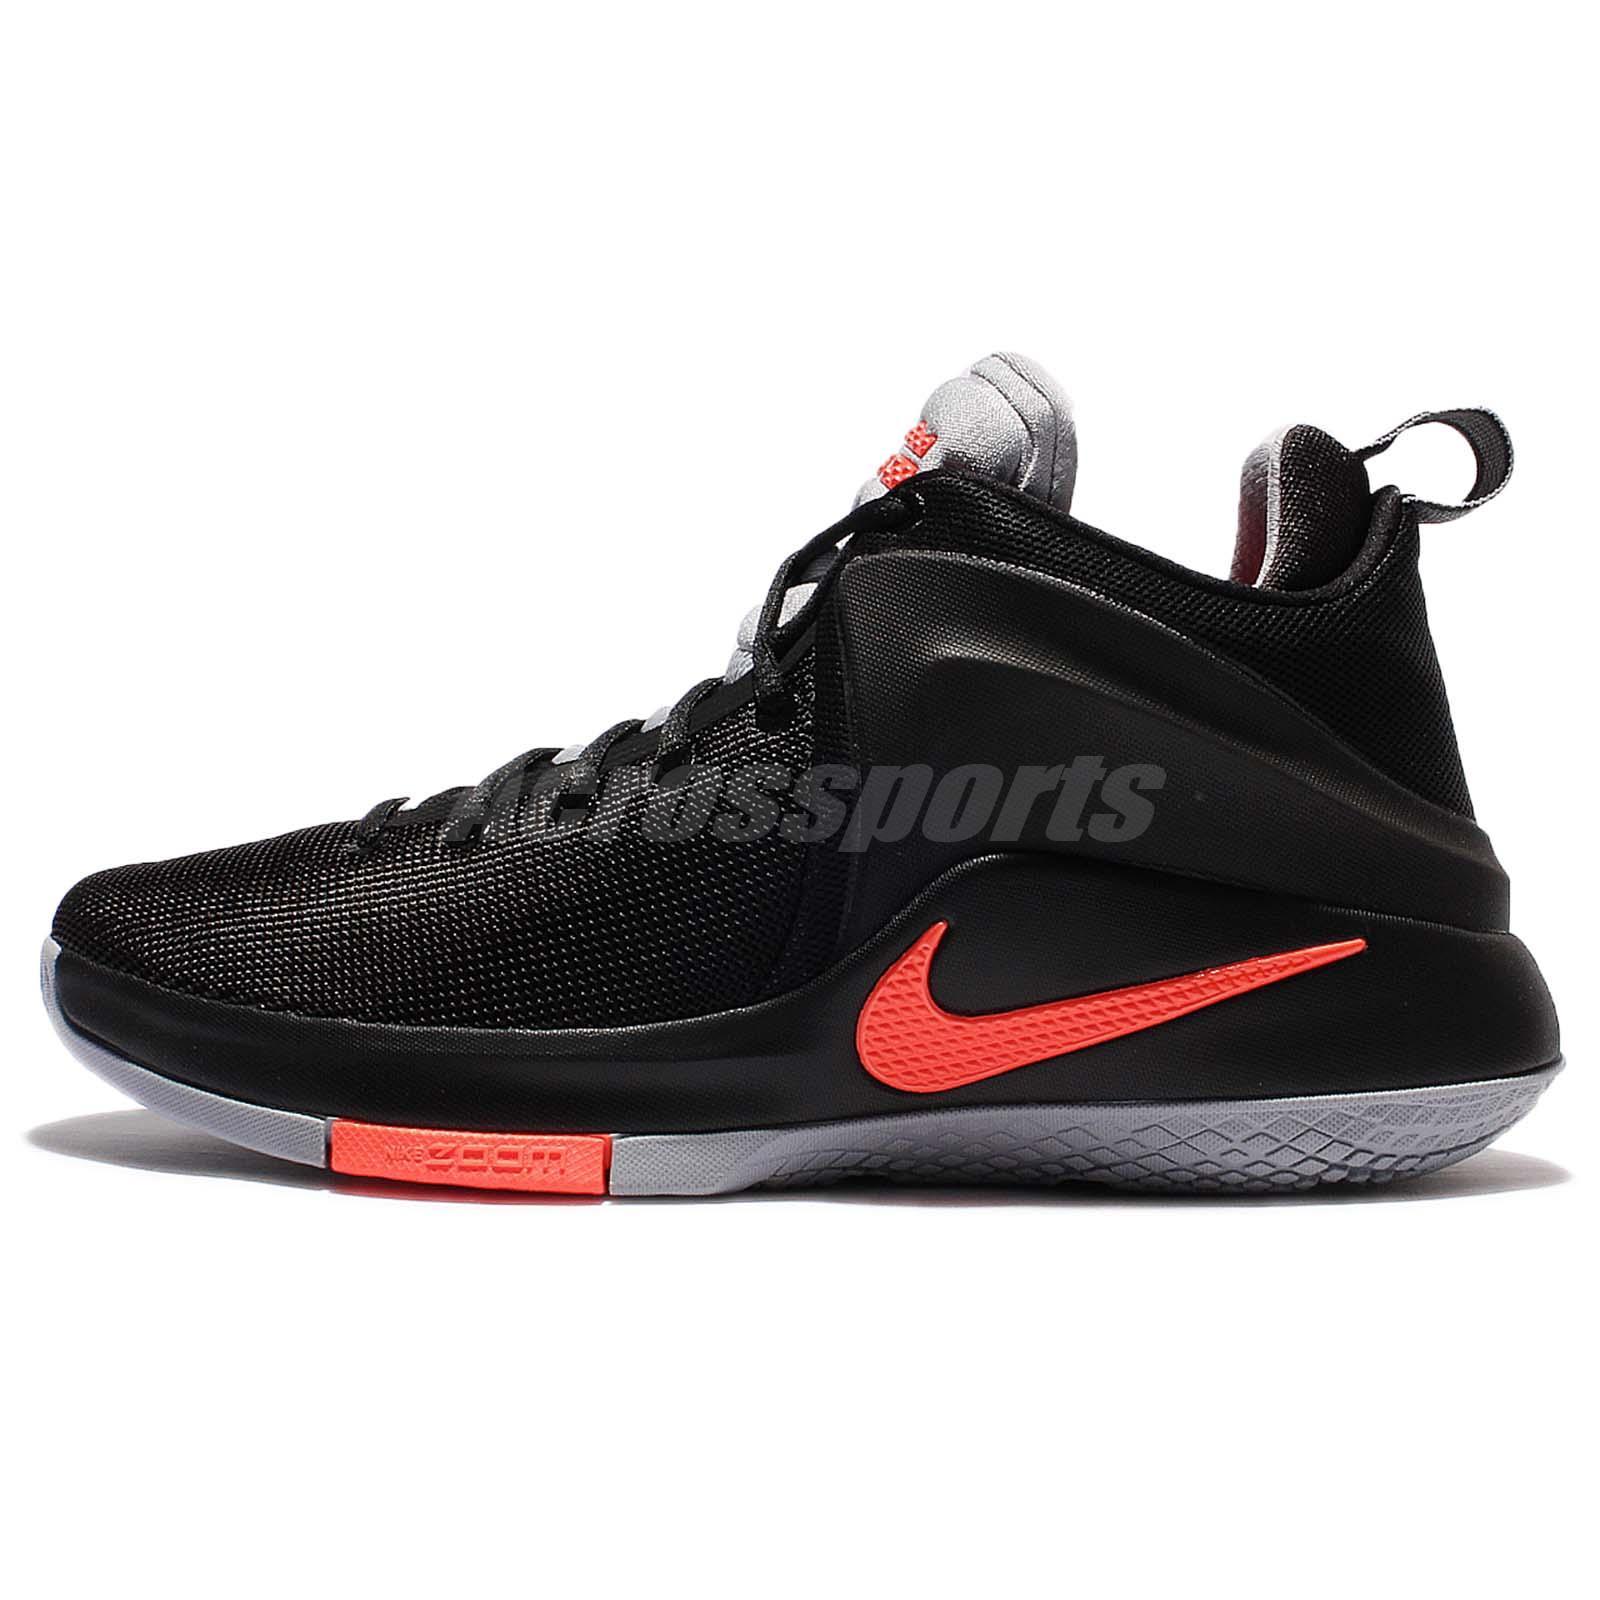 super popular ad5af 86a89 Nike Zoom Witness EP Lebron James Black Men Basketball Shoes 884277